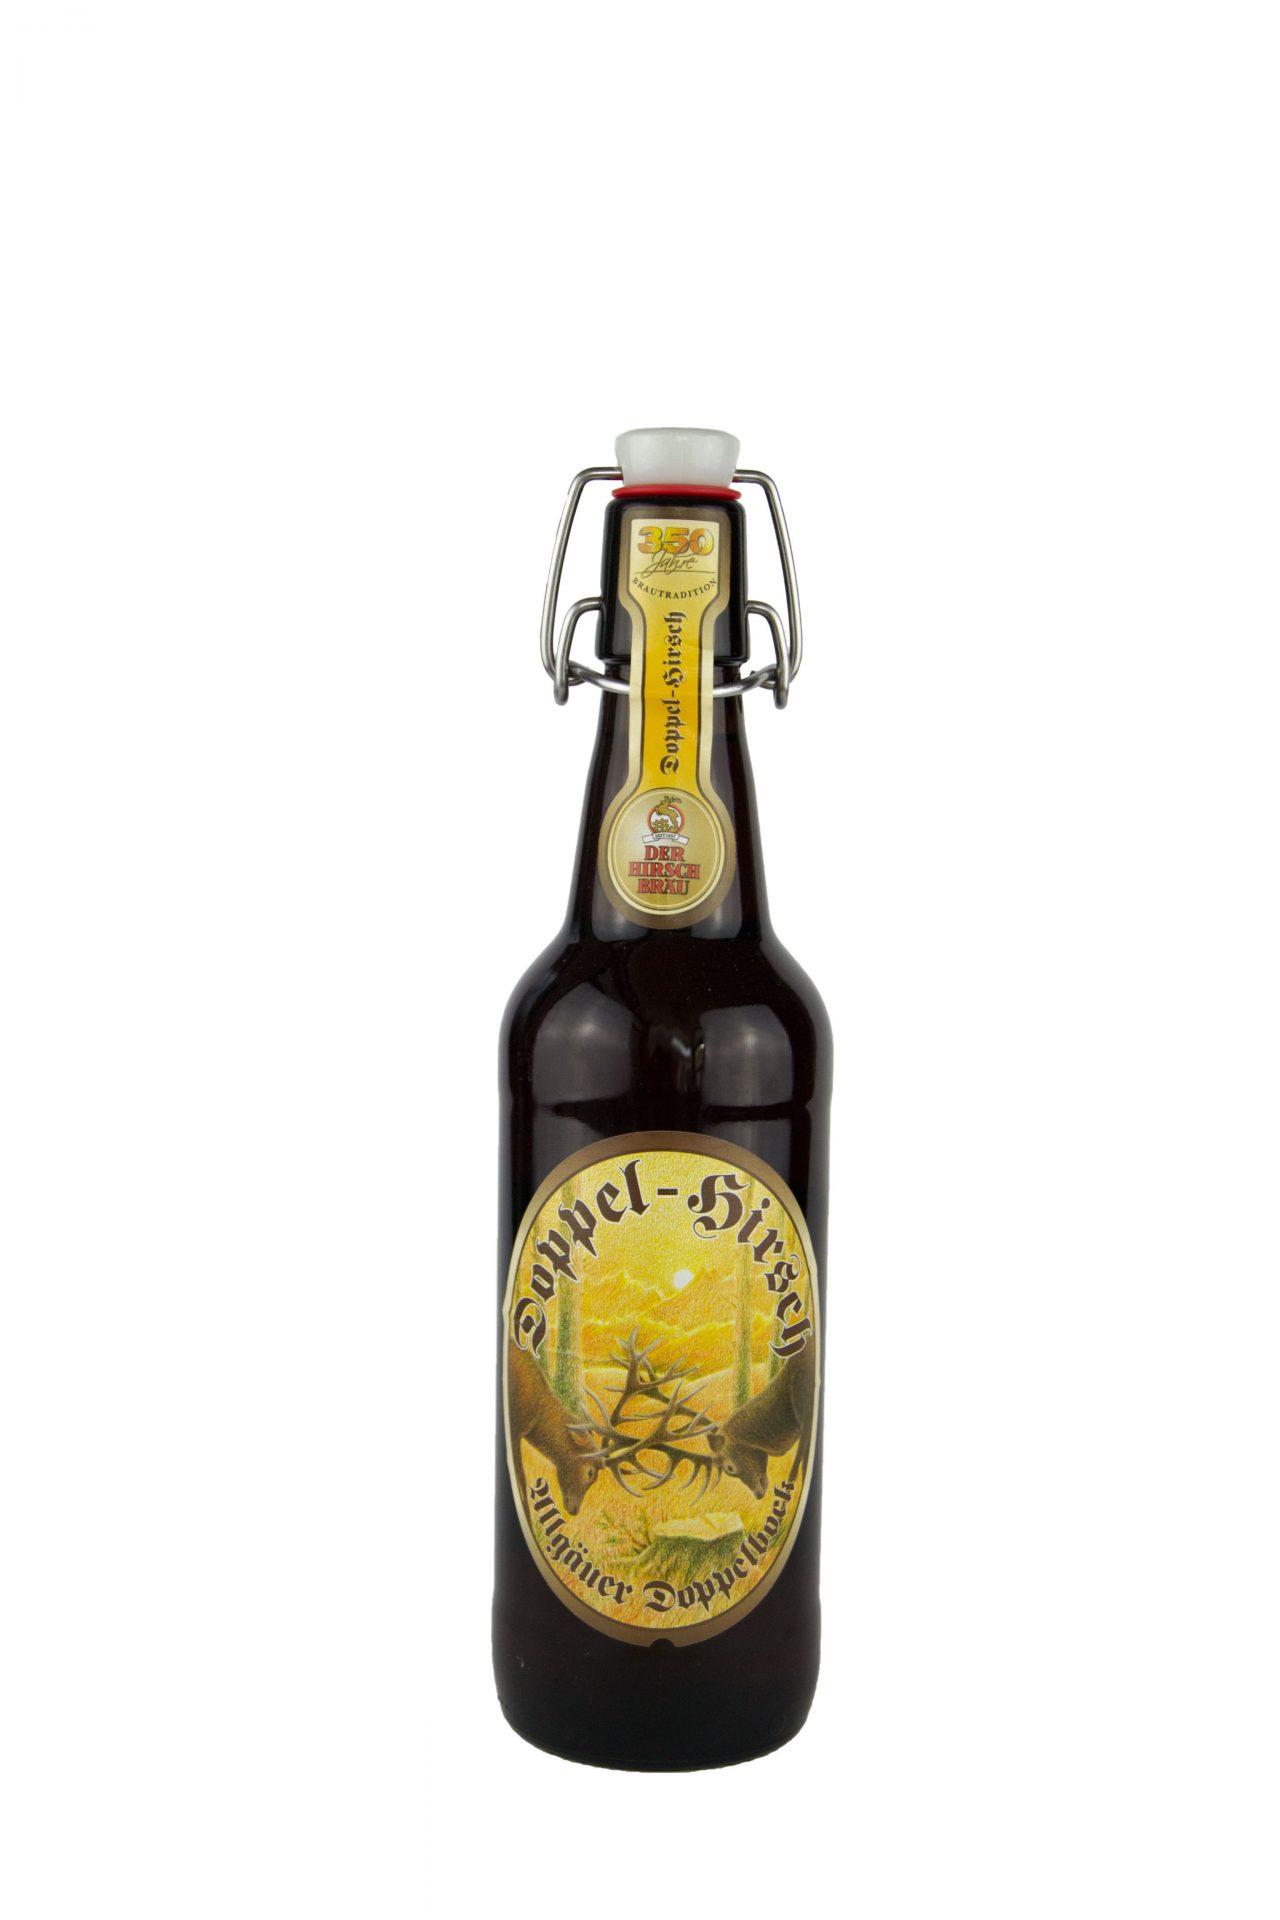 Höss Bier – Doppel-Hirsch